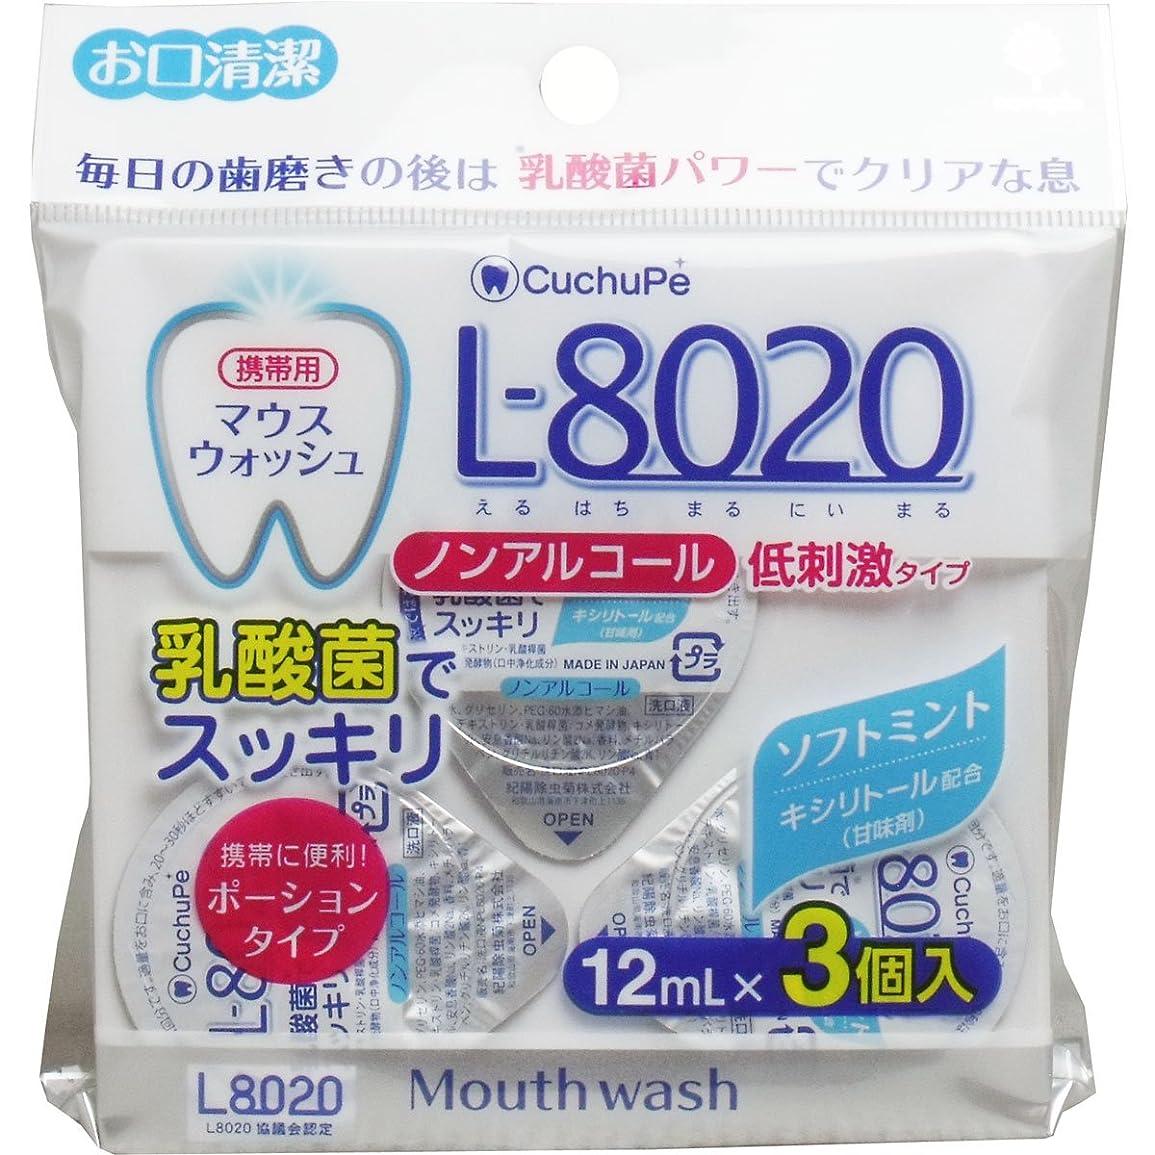 噴火個人的にペースクチュッペ L-8020 マウスウォッシュ ソフトミント ポーションタイプ 3個入 紀陽除虫菊